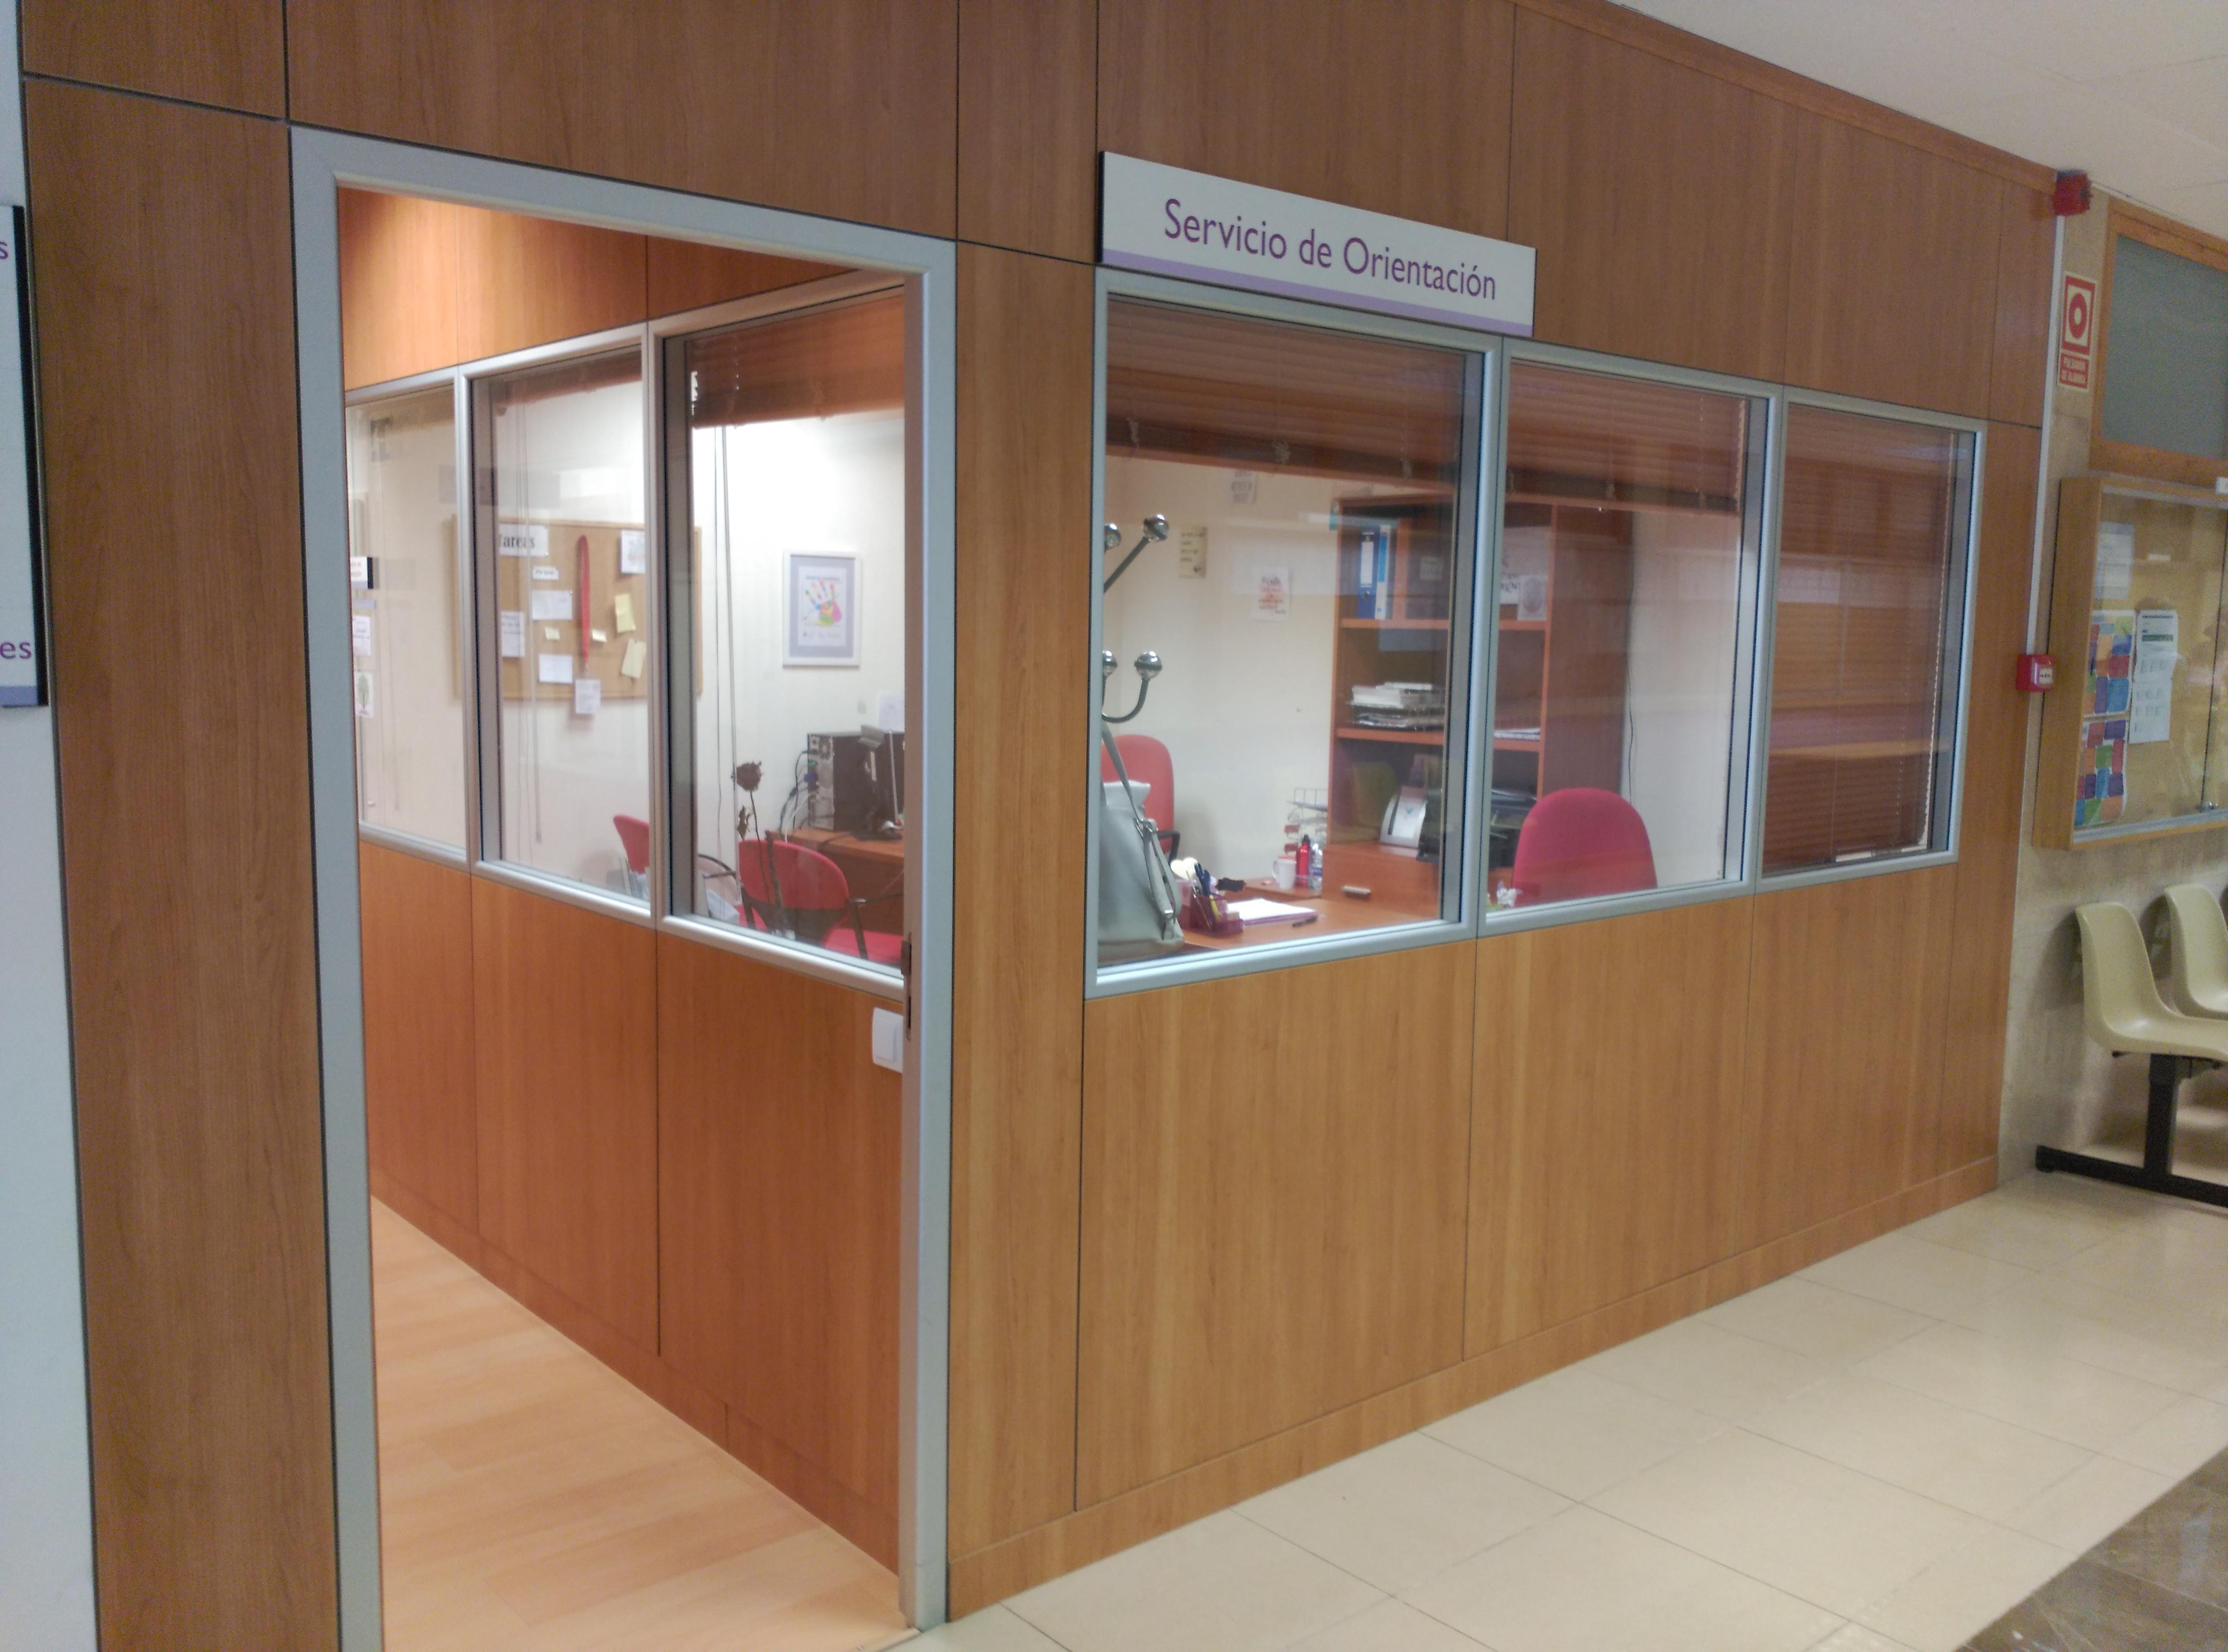 Ucm facultad de psicolog a for Oficina relaciones internacionales ucm